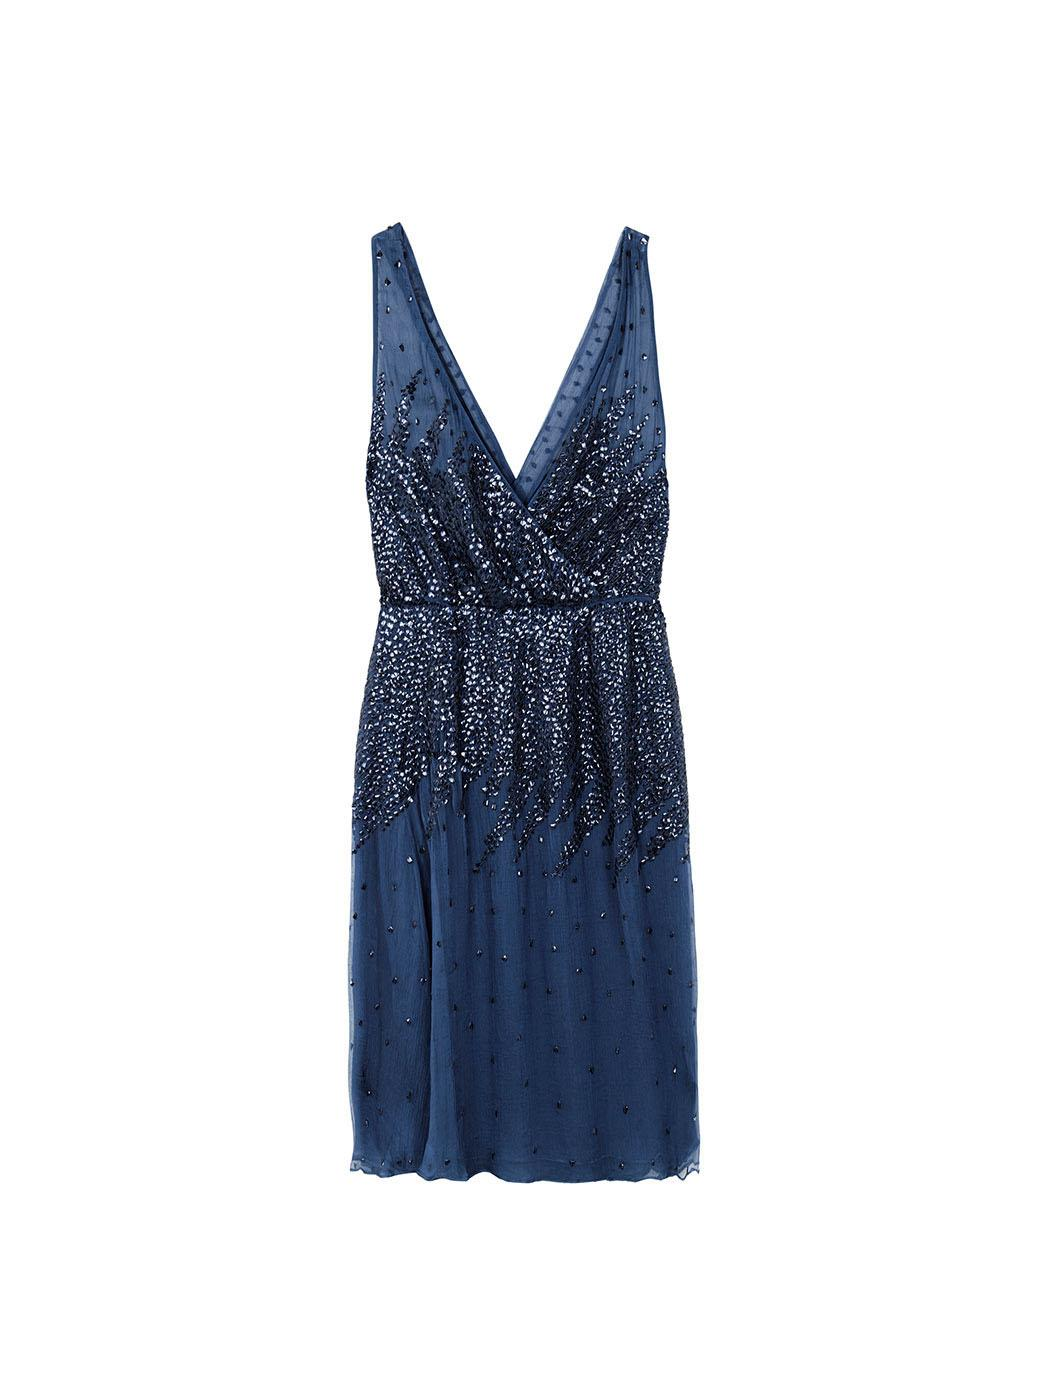 Vestidos cortos para bodas de dia baratos